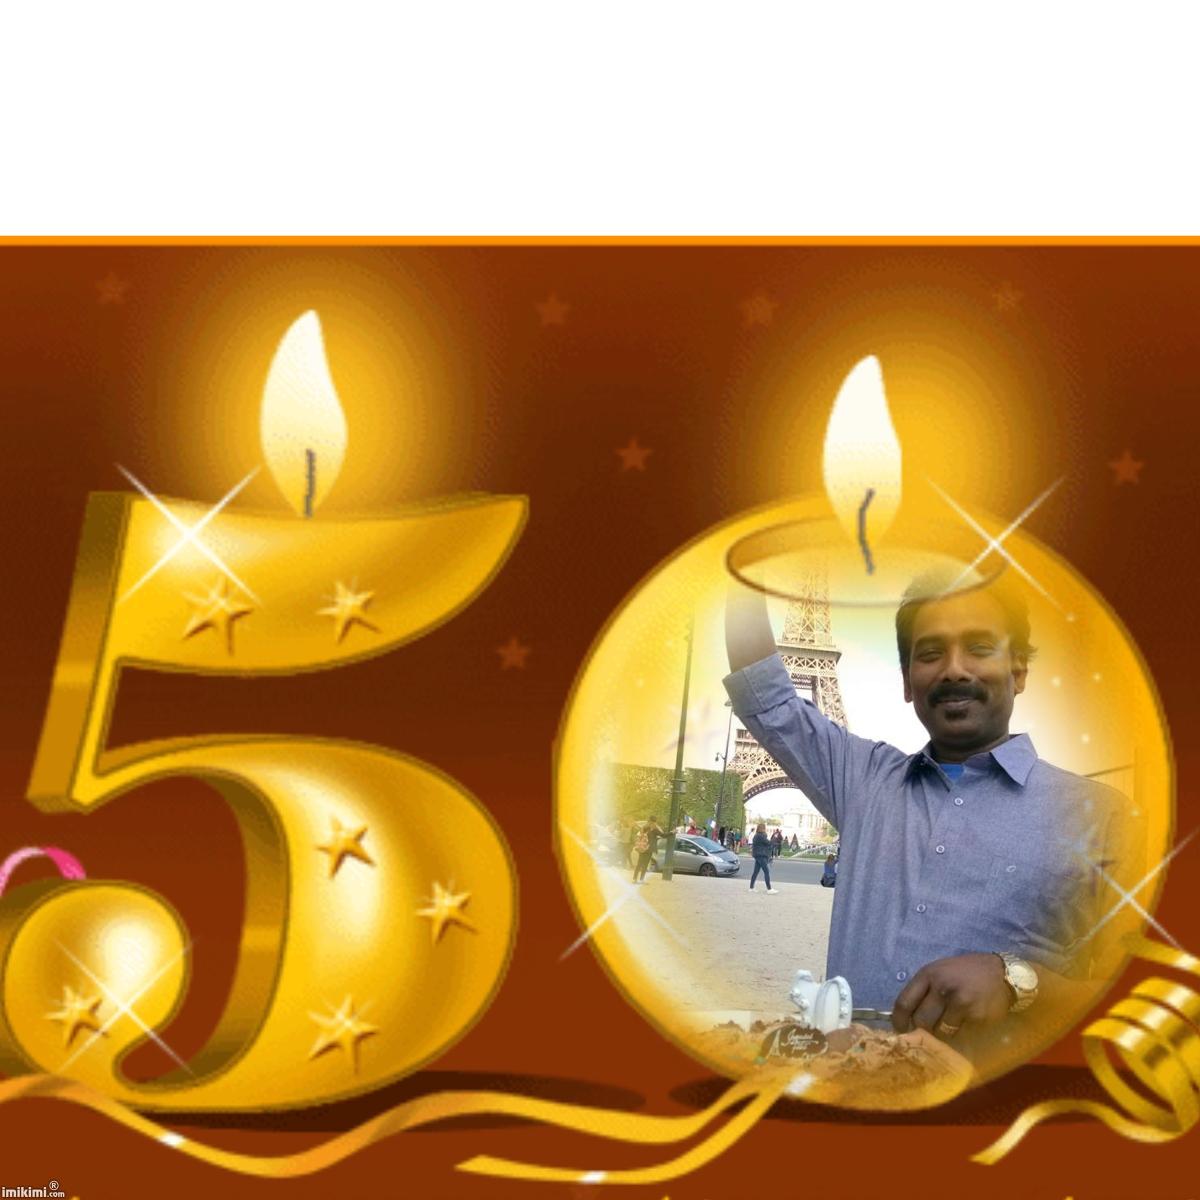 நடிகர் பொன் சிவா அவர்களின் 50வது பிறந்தநாள்வாழ்த்து 14.04.17